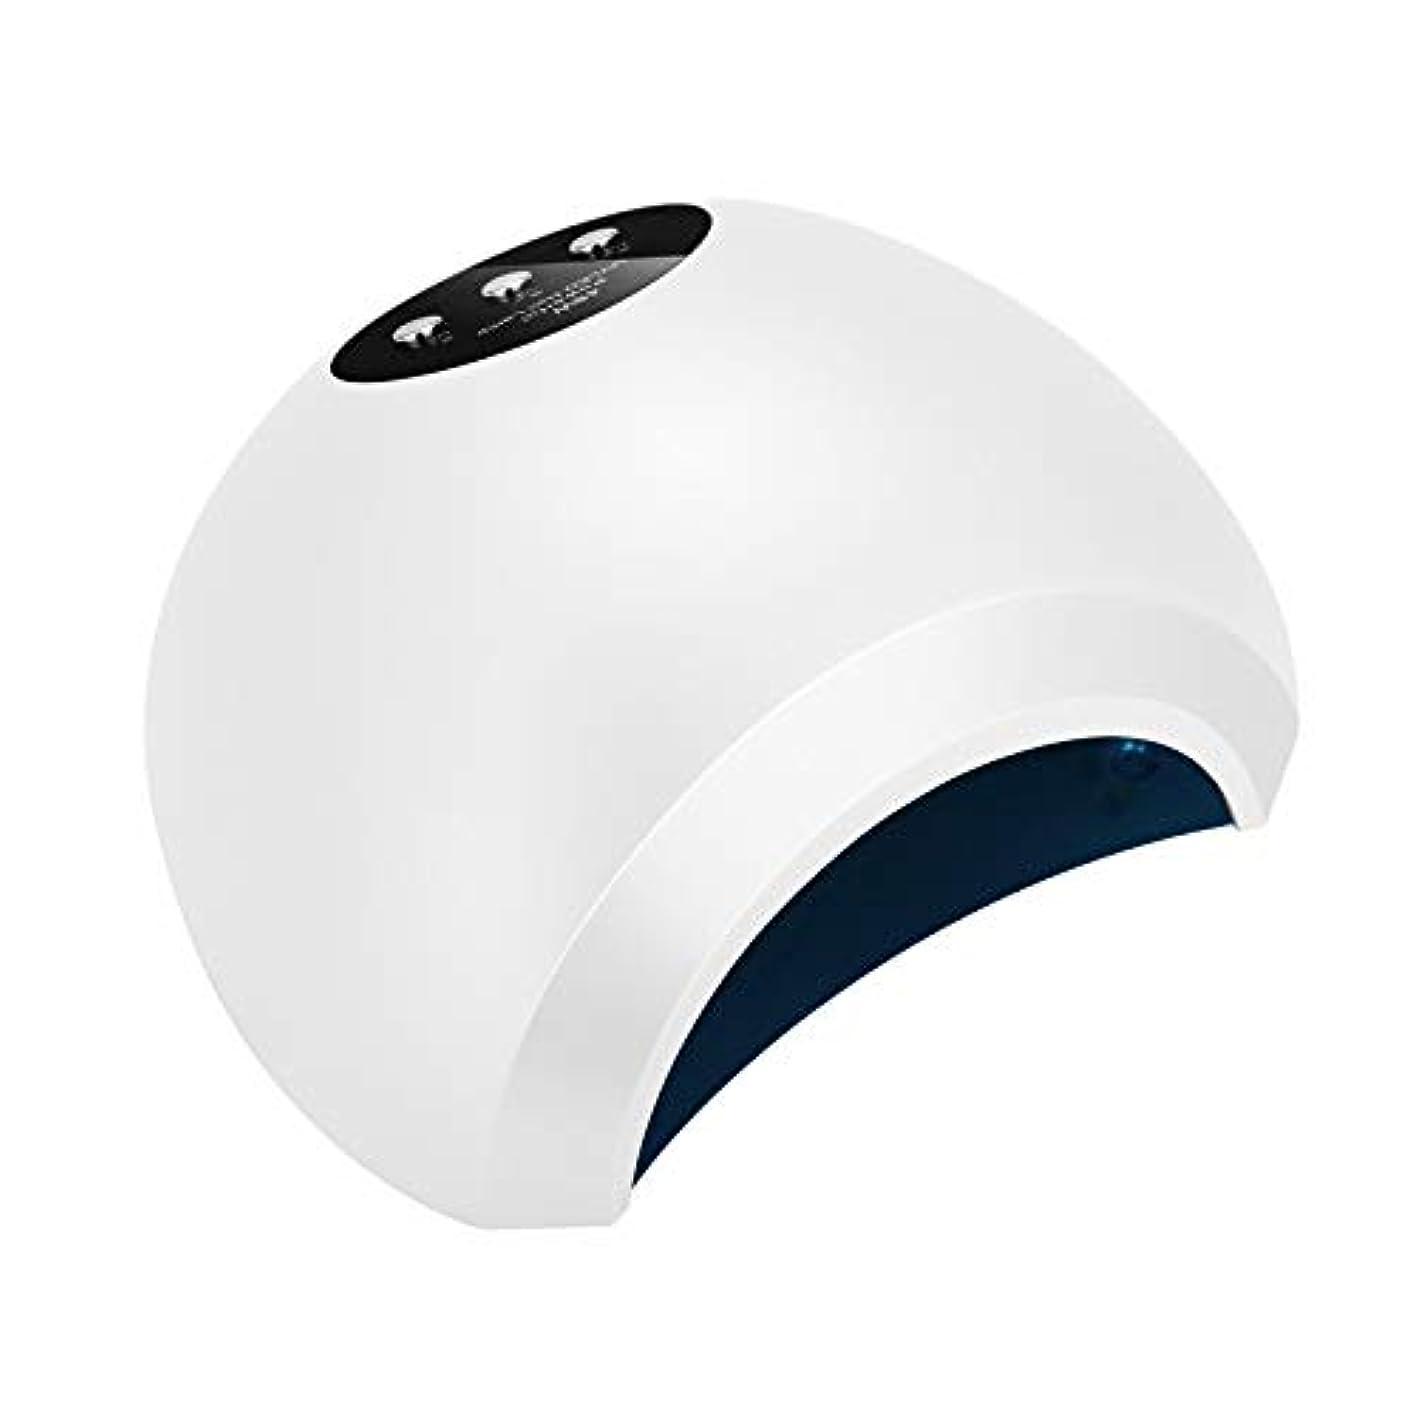 器用売る悲観主義者48ワットプロフェッショナルuv ledジェルネイルランプポリッシュ乾燥ドライヤーライトスマート自動センシングで3タイマー設定,White